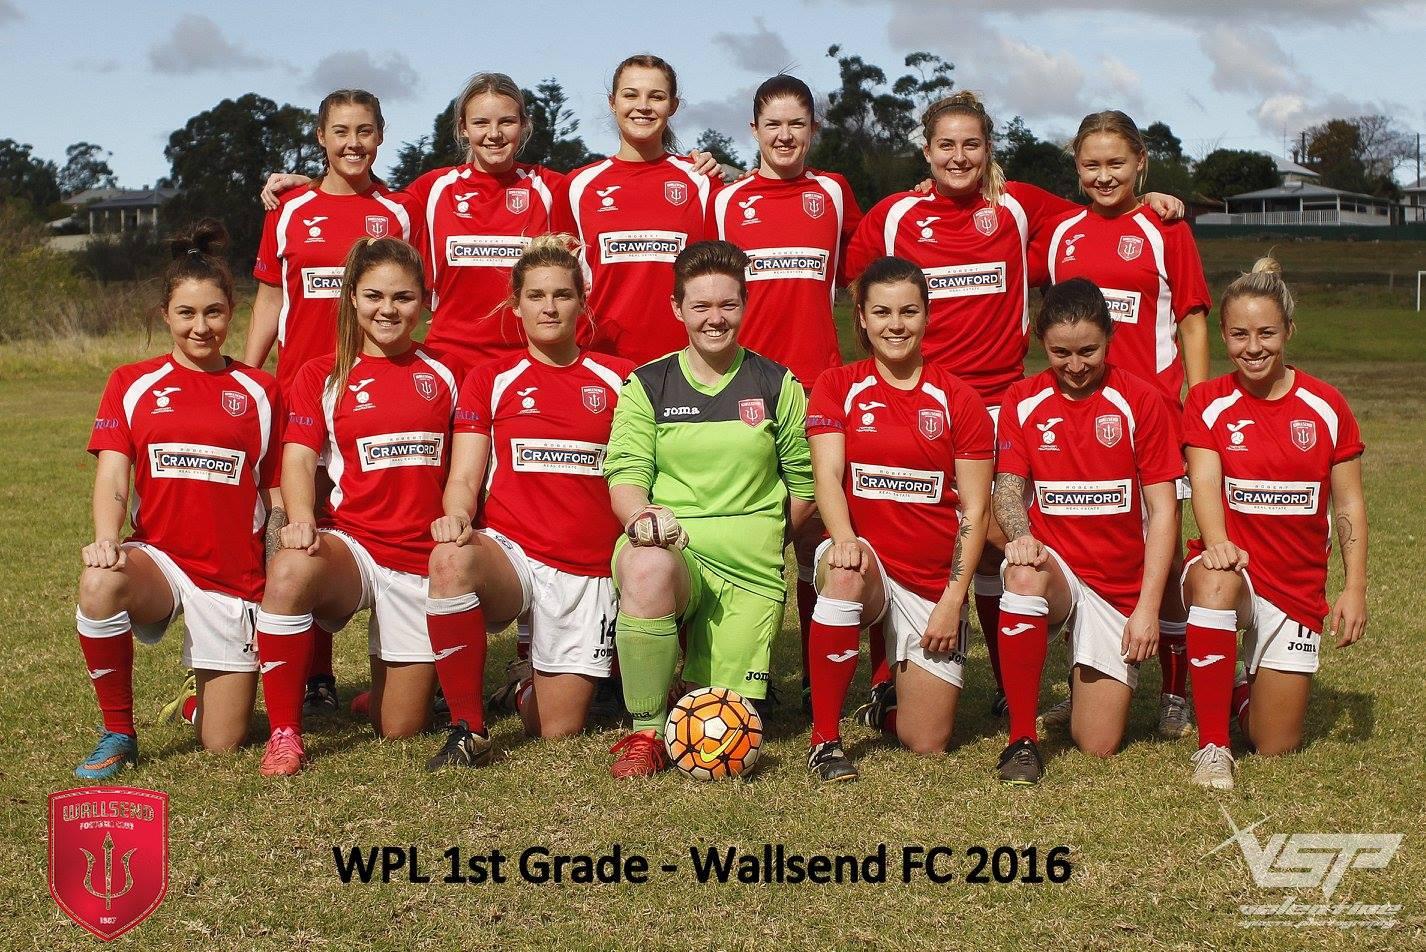 Wallsend WPL first grade